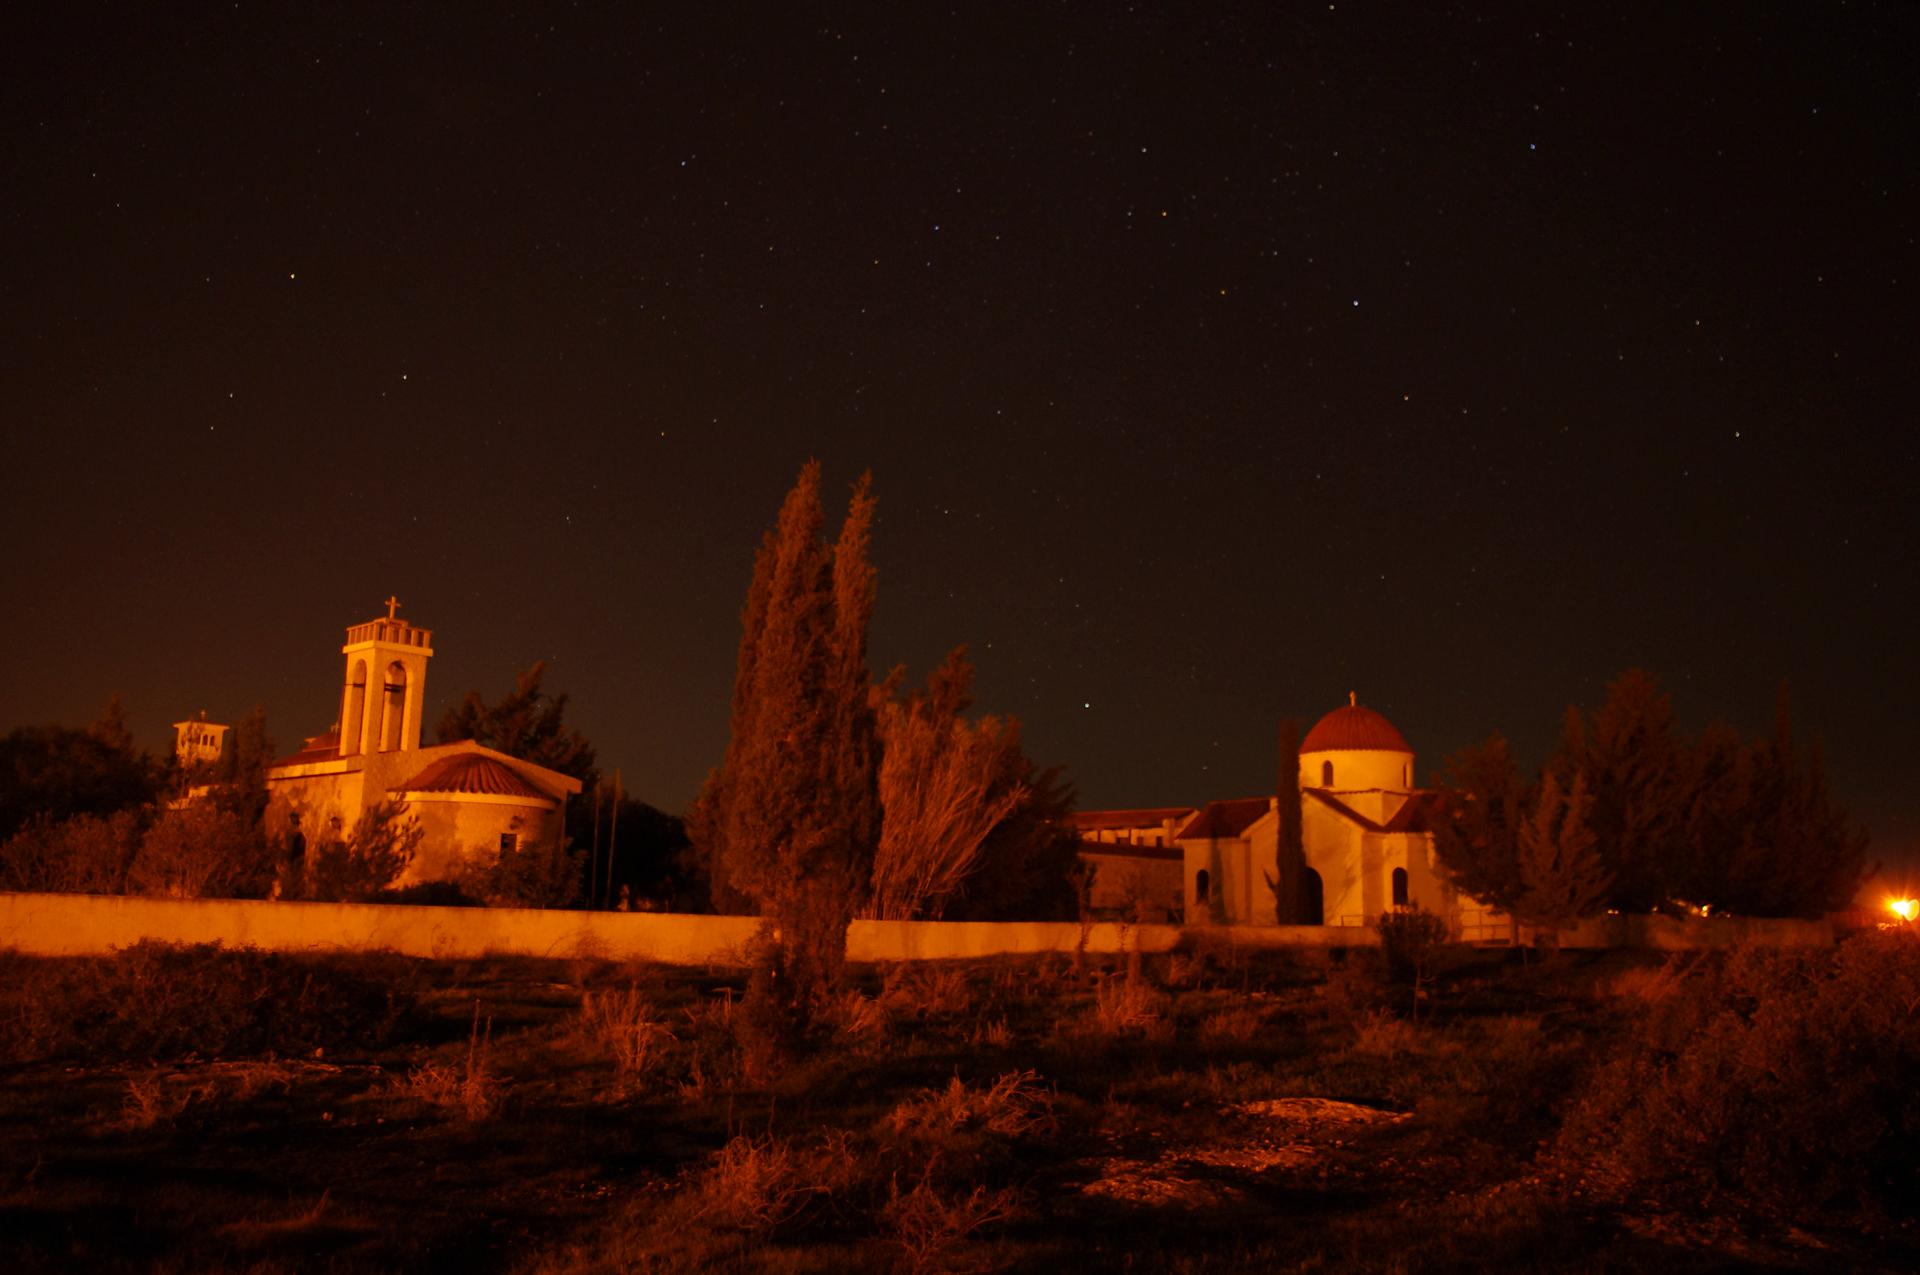 Монастырь на фоне ночного неба Кипр